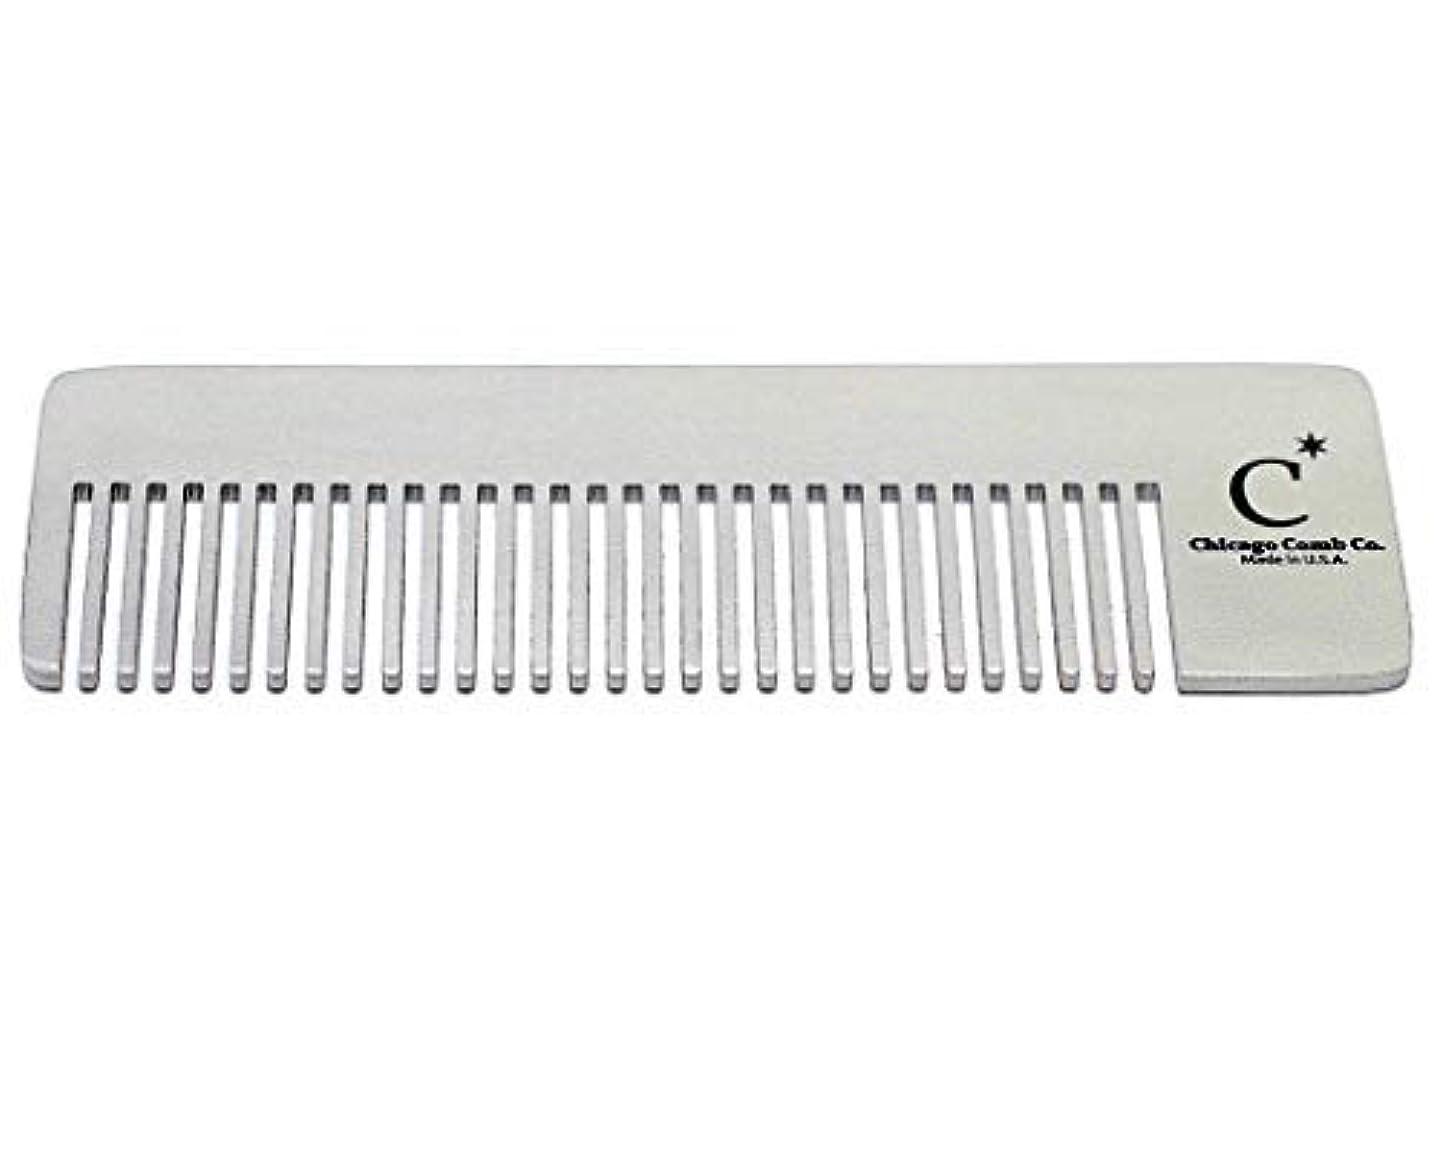 辛なラインナップ助言するChicago Comb Model 4 Standard, Made in USA, Stainless Steel, Ultimate Pocket Comb, Beard & Mustache, Medium-Fine...